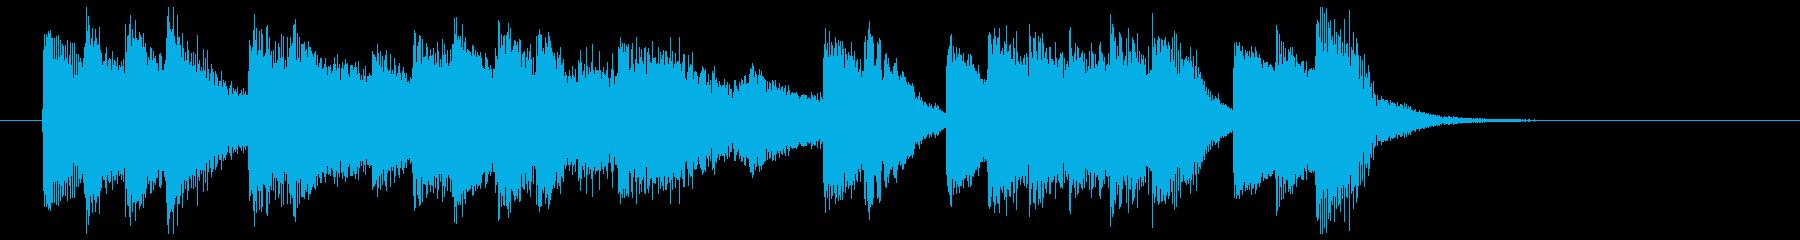 アメリカの古き良き時代のピアノ曲の再生済みの波形